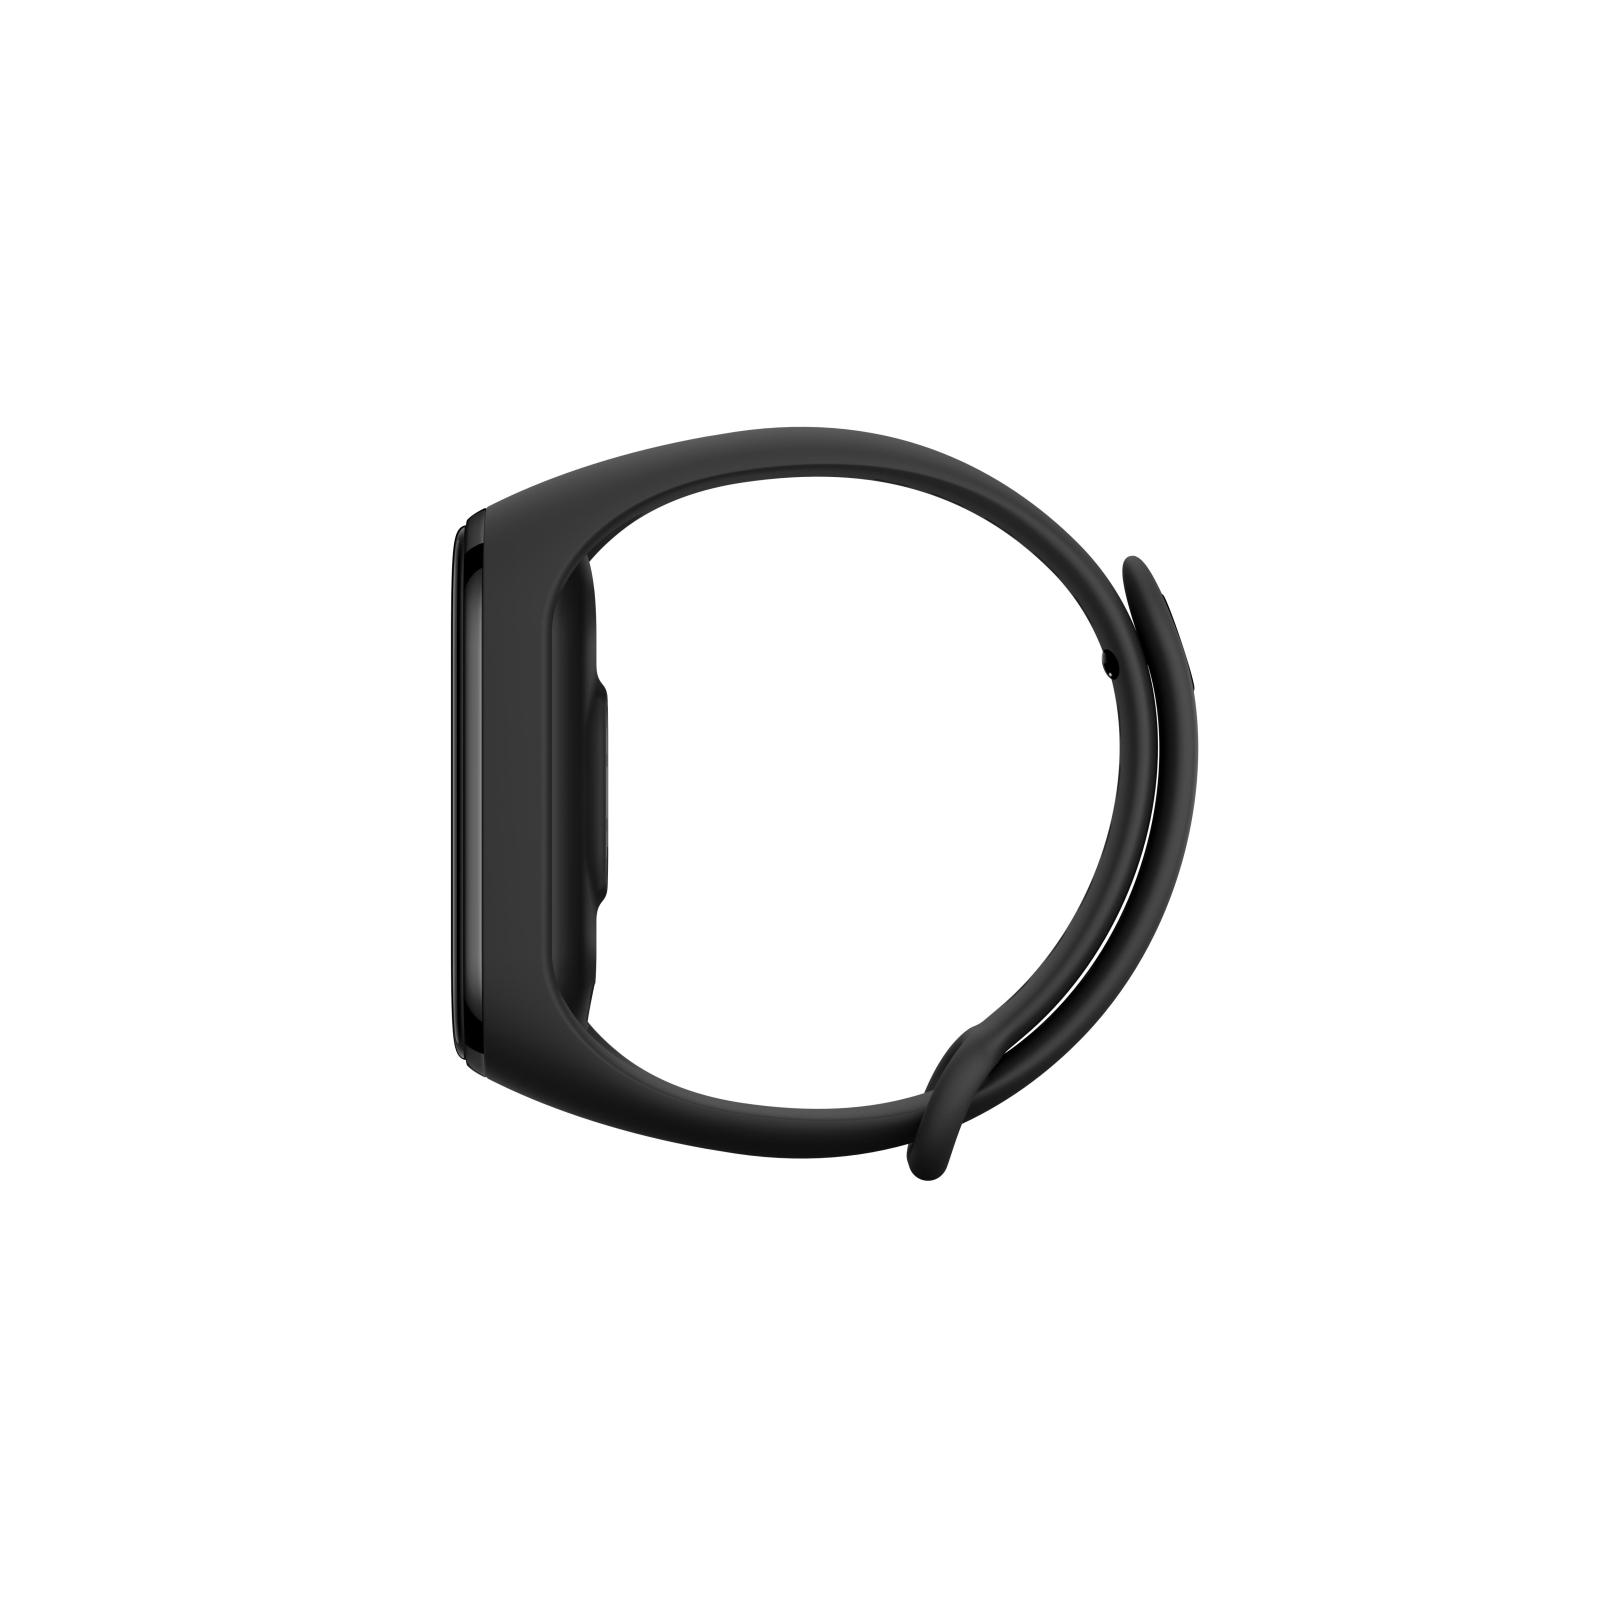 Фитнес браслет Xiaomi Mi Smart Band 4 Black изображение 3